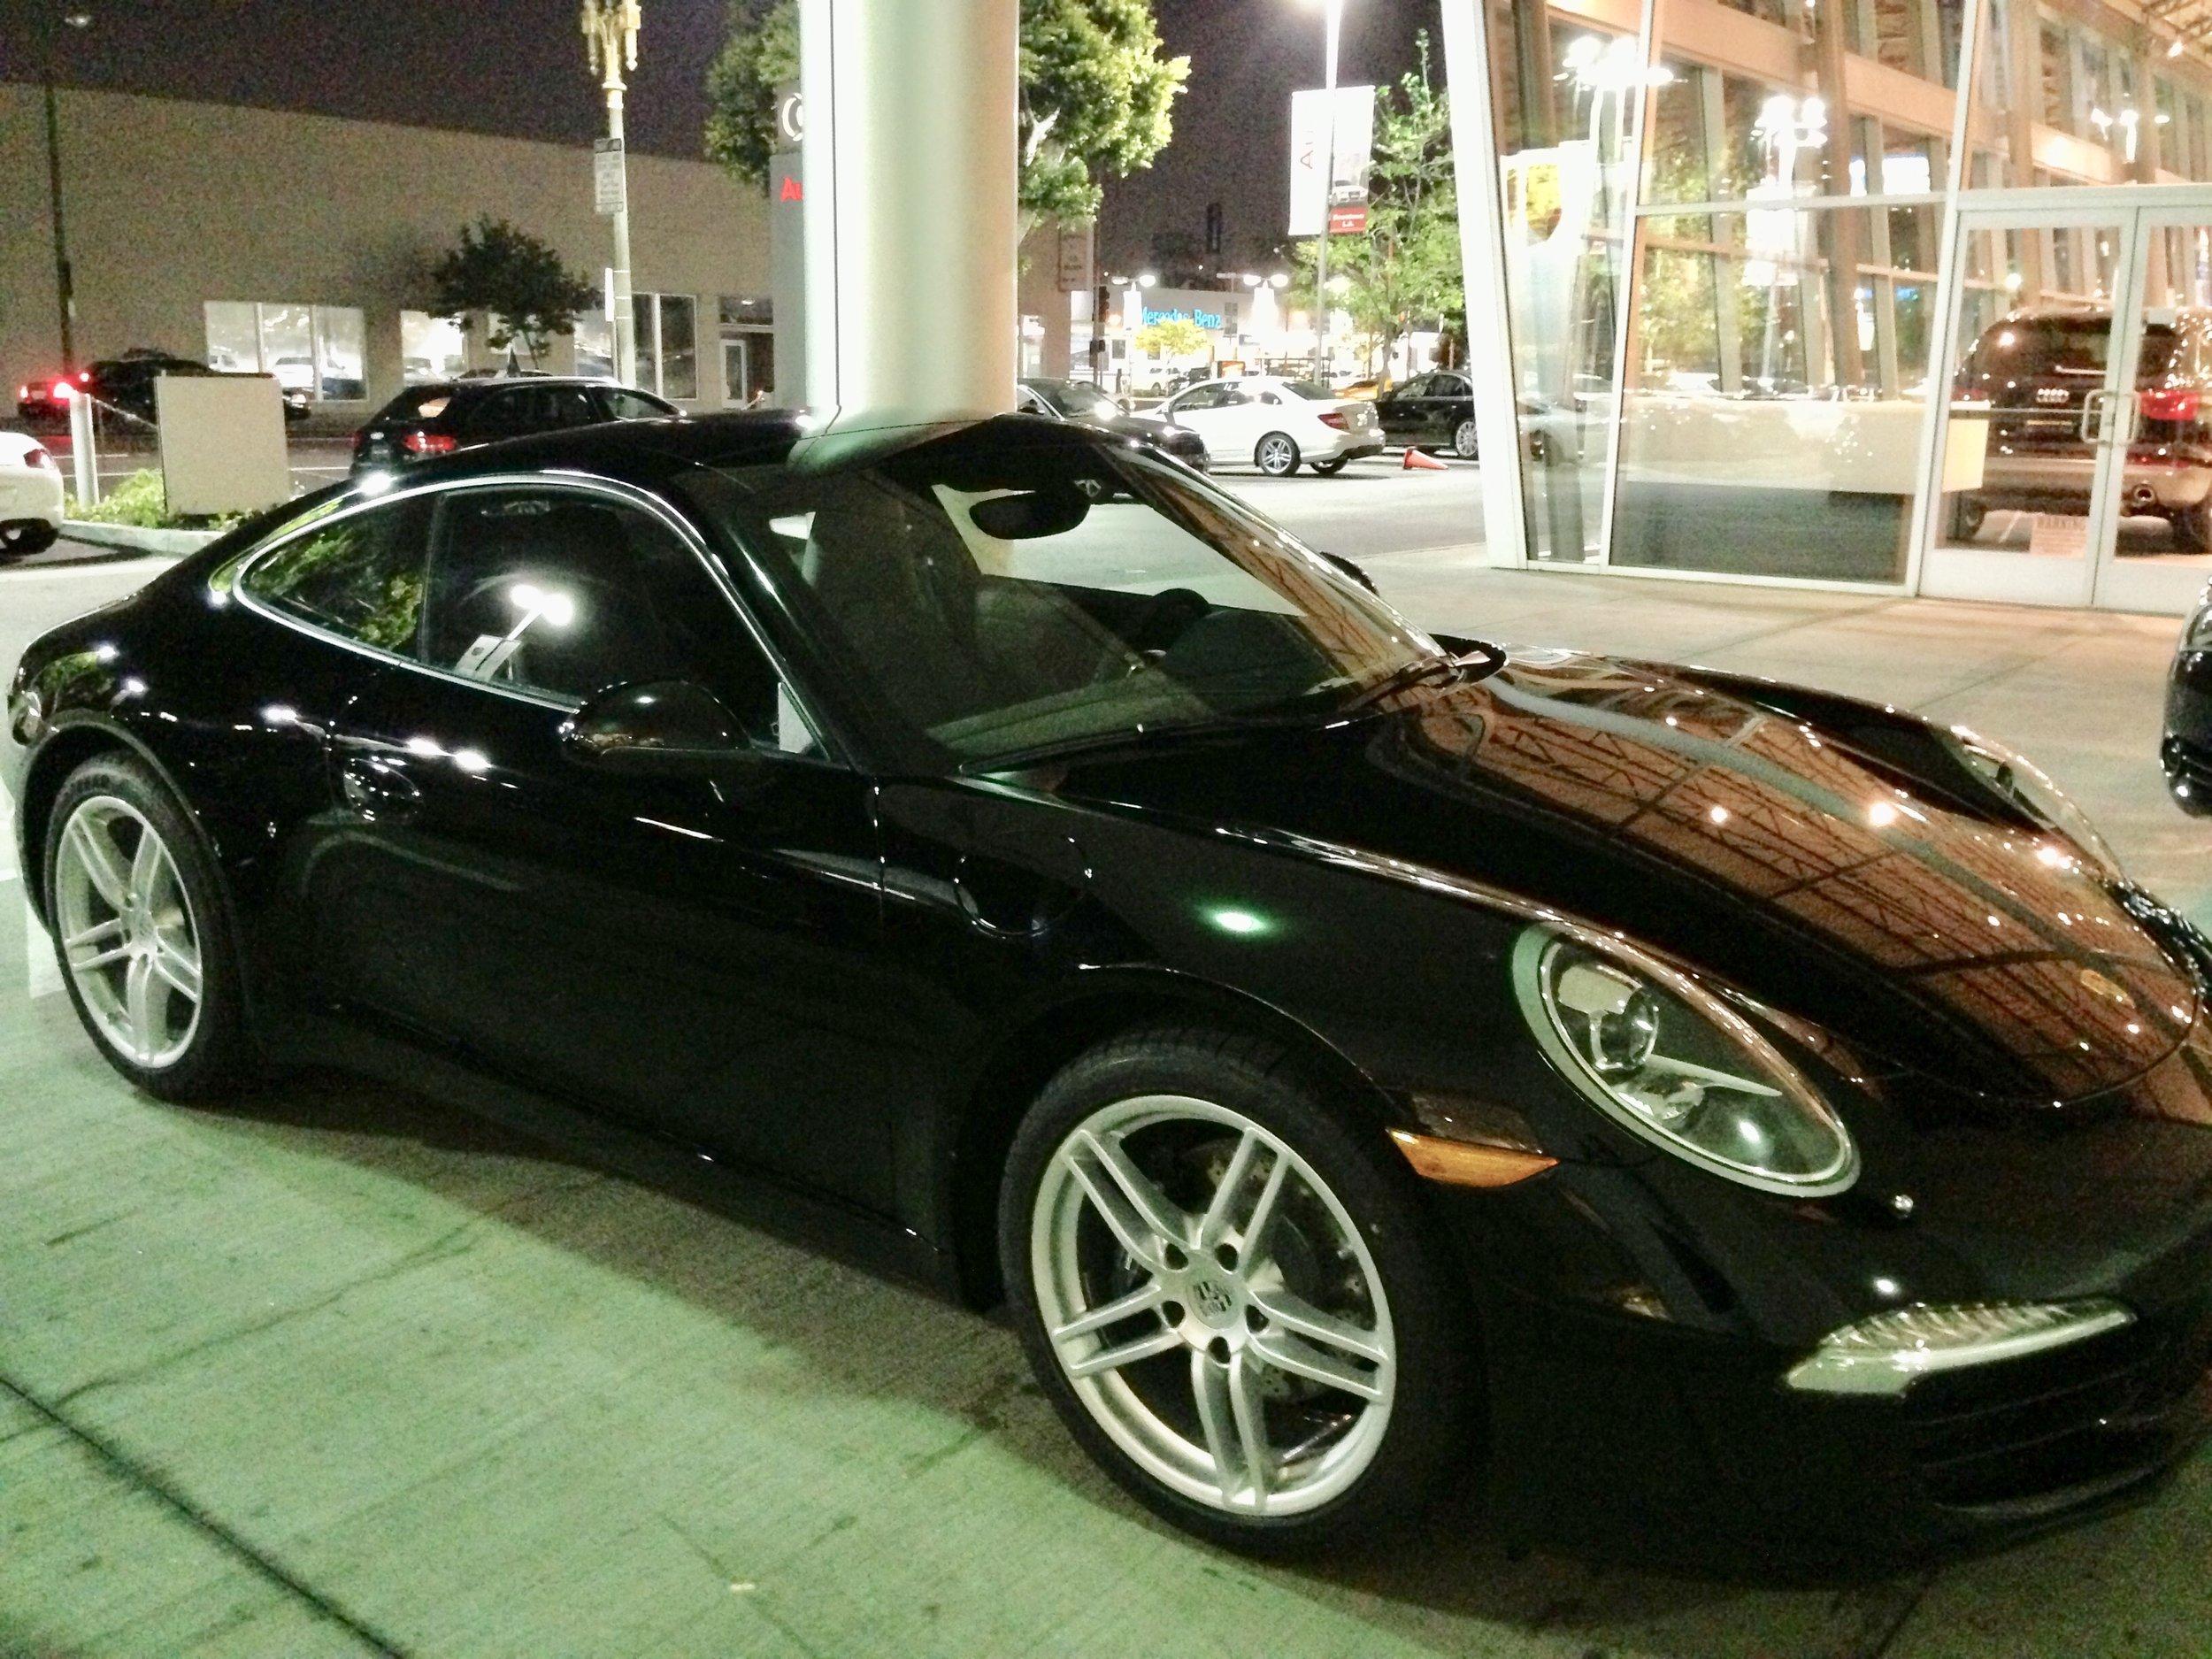 My Porsche 911.